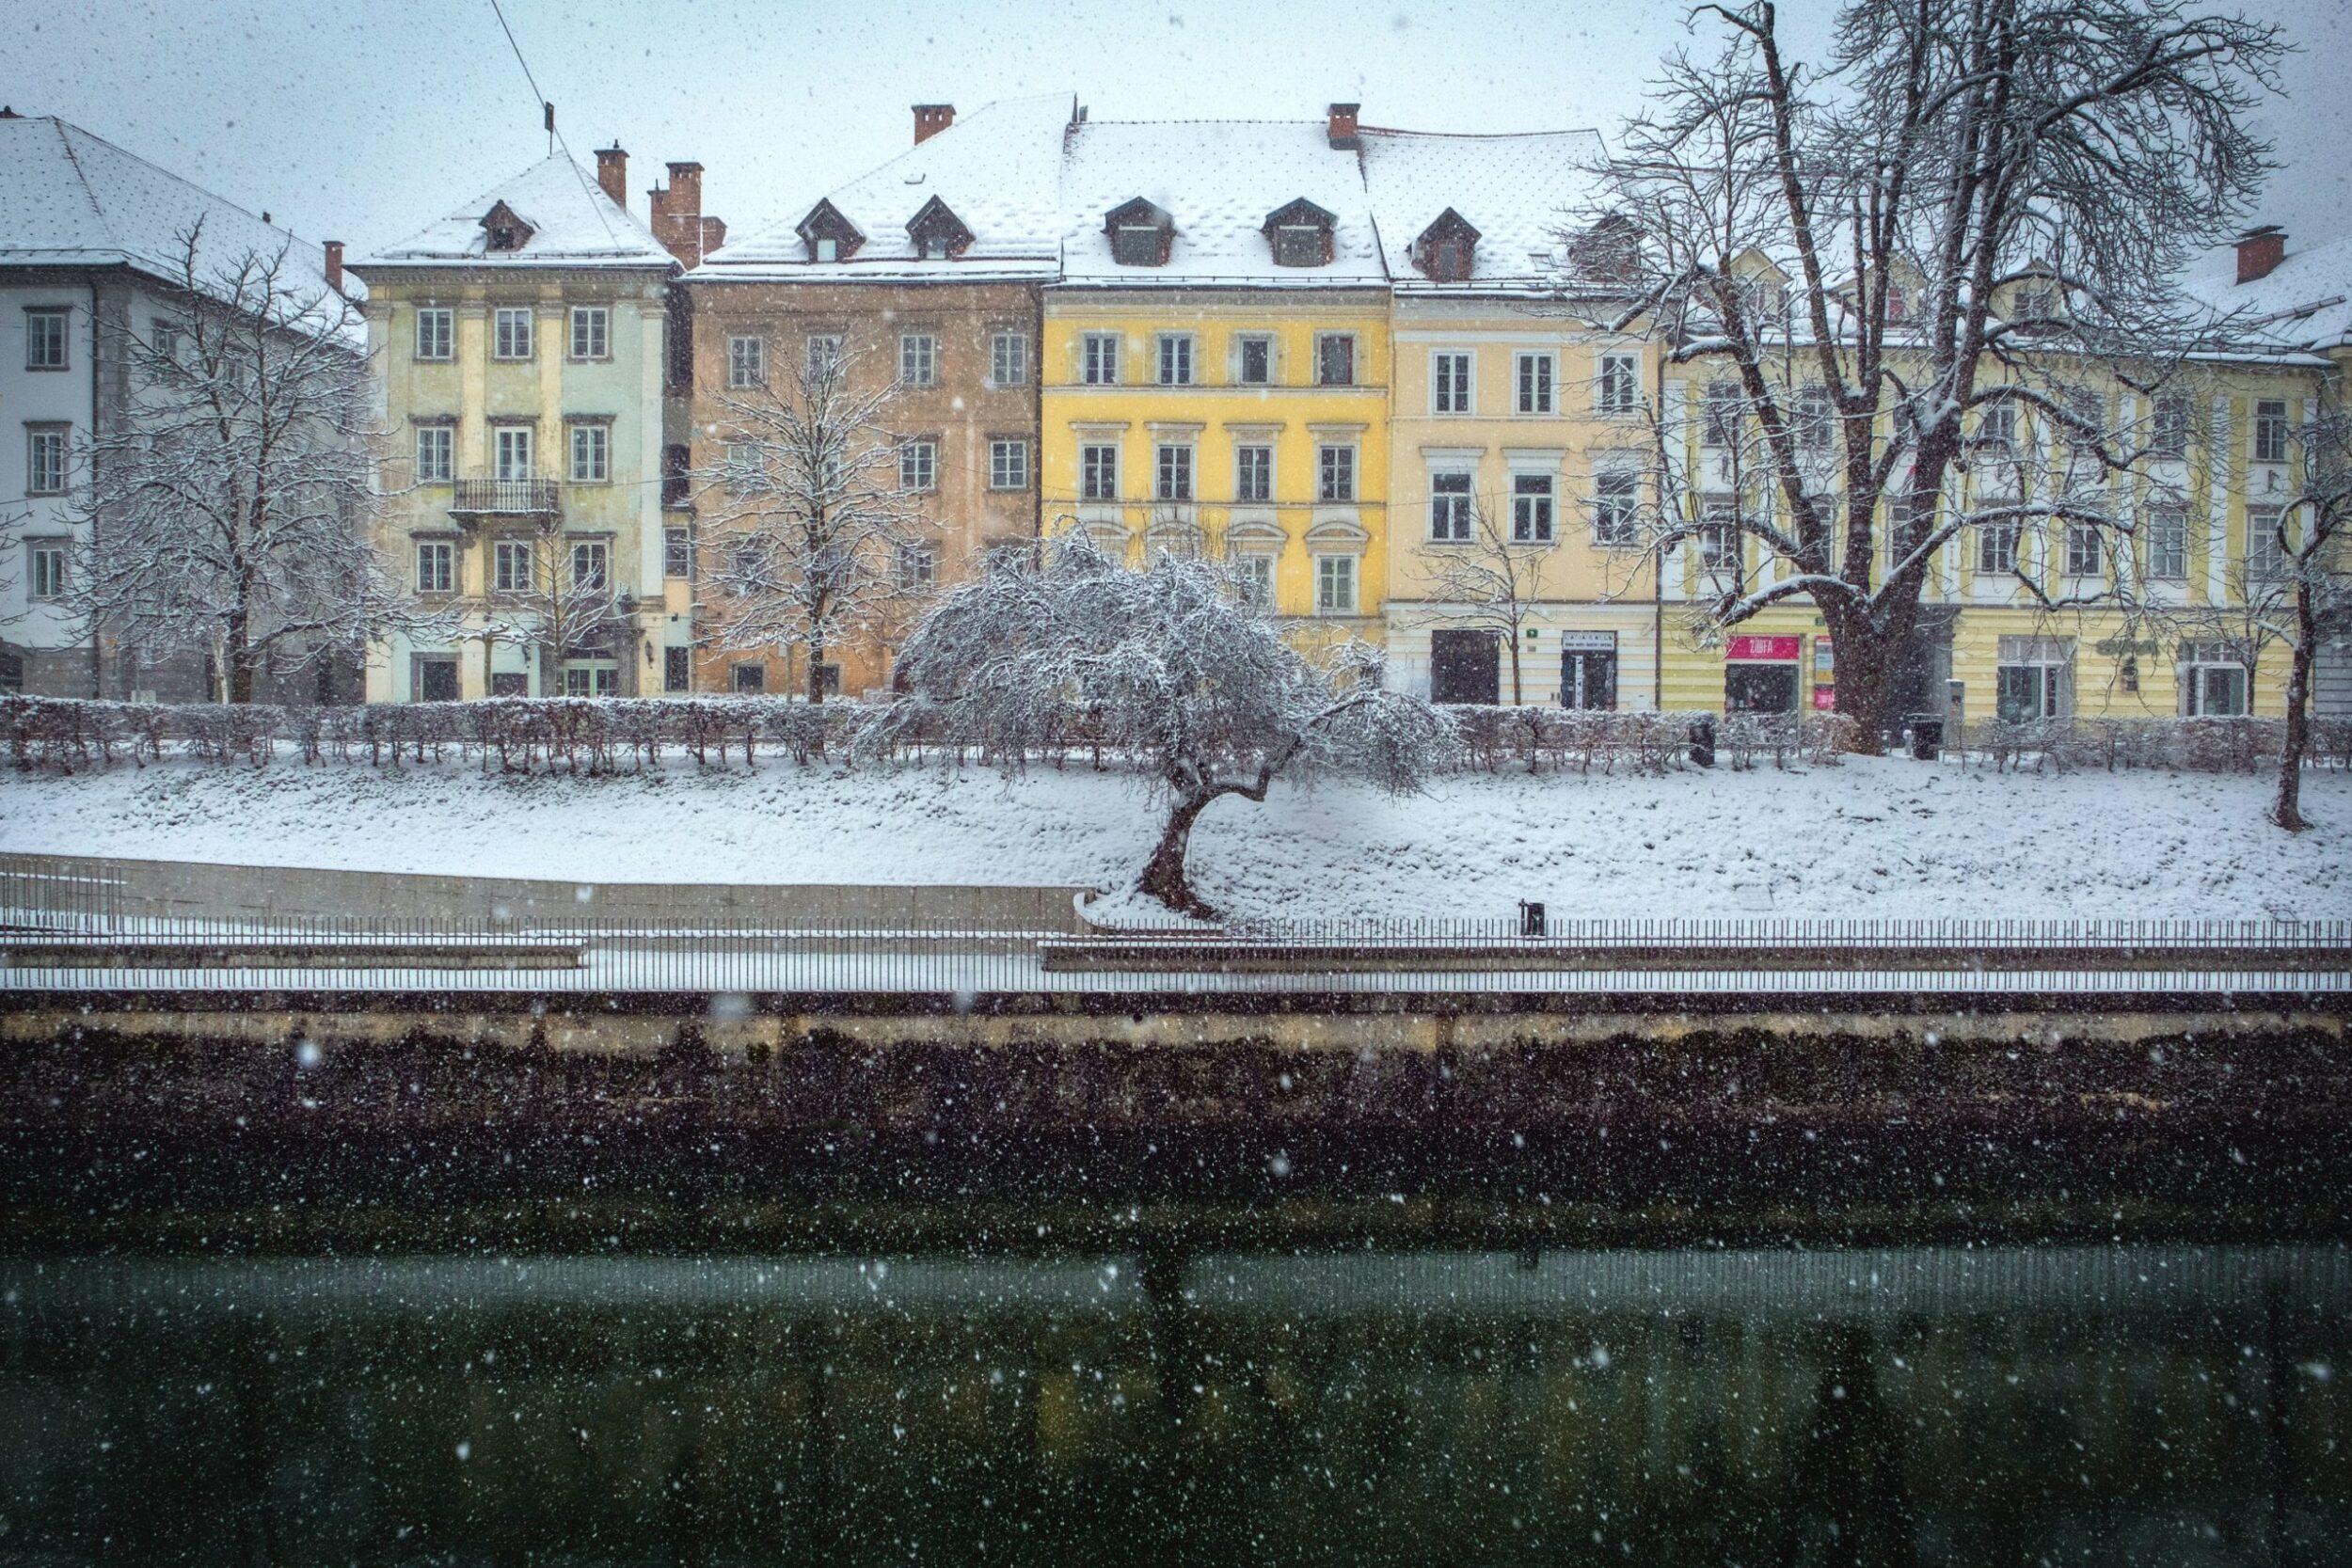 Ljubljana is a beautiful capital worth exploring